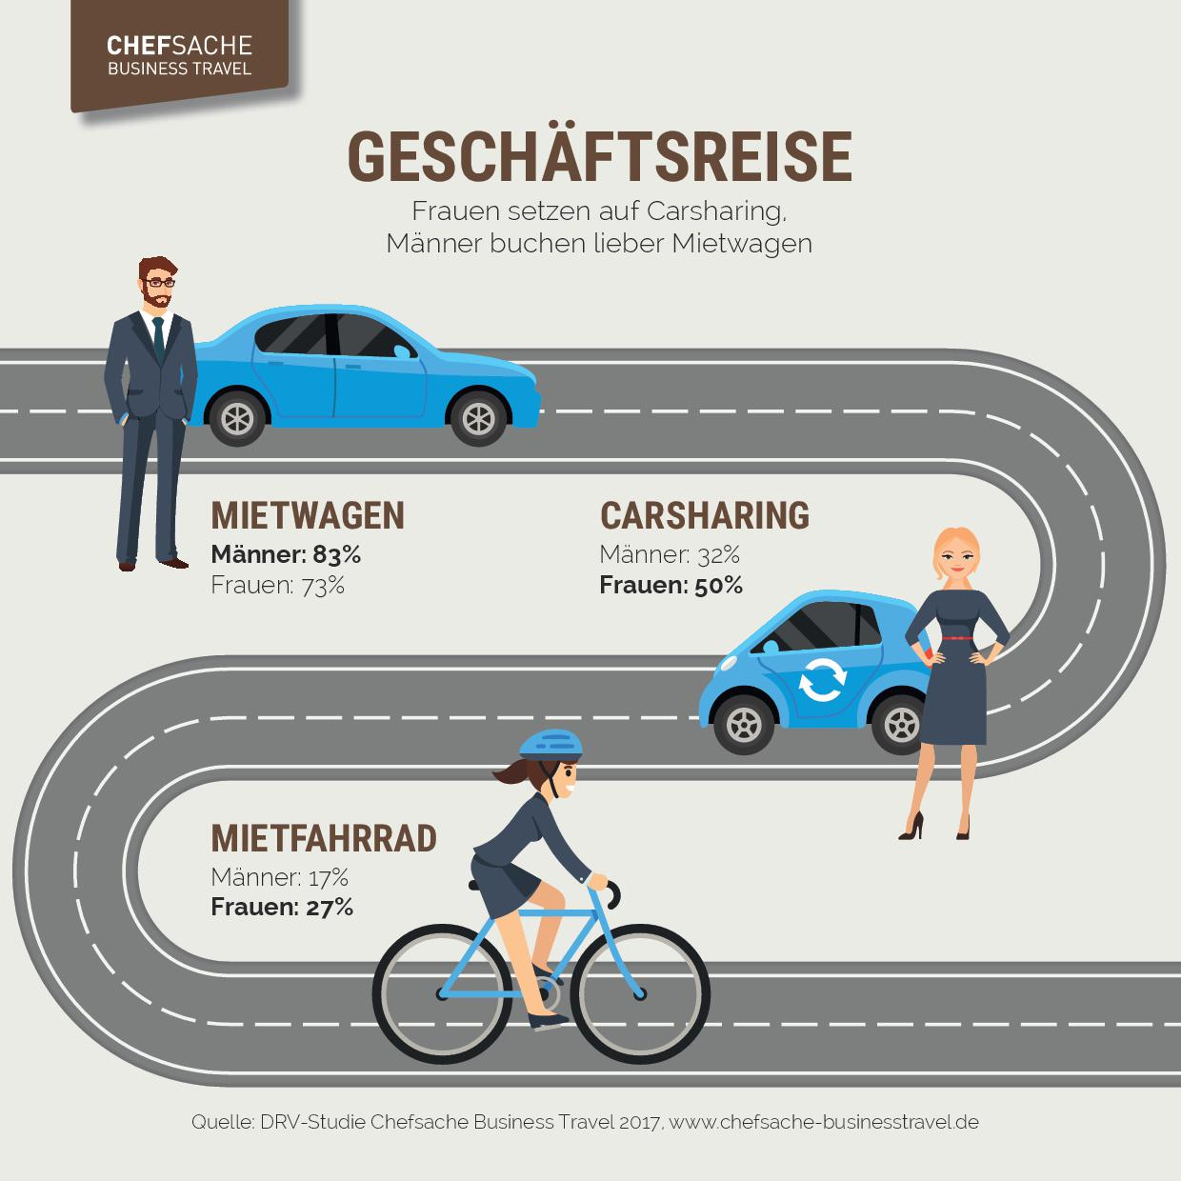 Geschäftsreisen: Wenn der nachhaltige Chef-Typ flott mit dem Rad vorfährt